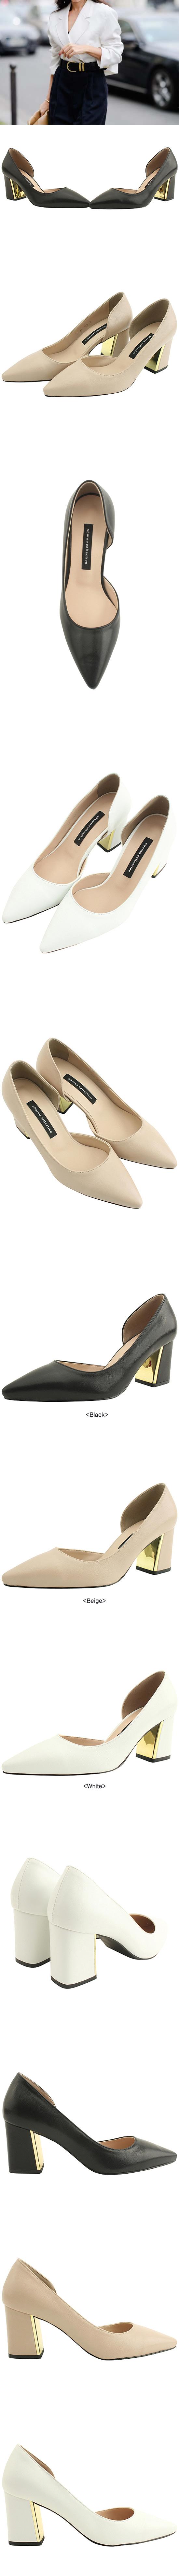 Gold Metal Heel Stiletto Heel 7cm Beige